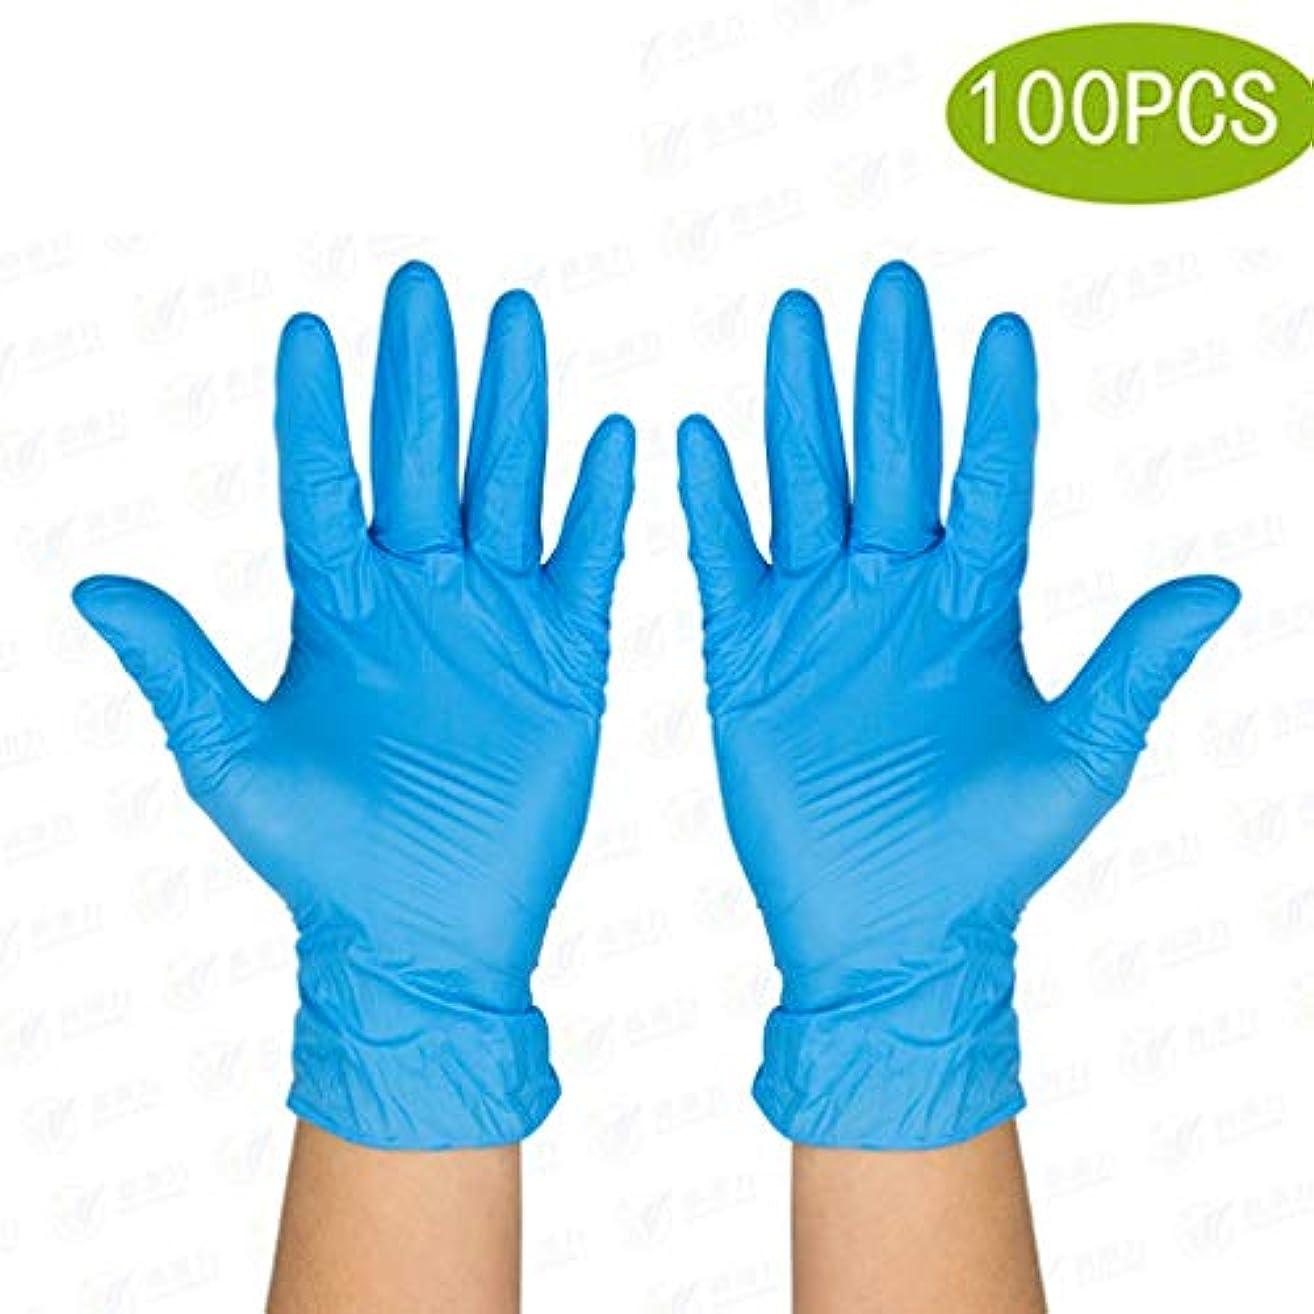 肩をすくめる耳肘保護用使い捨てニトリル医療用手袋、3mil、ラテックスフリー、試験グレードの手袋、質感のある、両性、非滅菌の、100ラテックス手袋のパック (Color : Blue, Size : L)